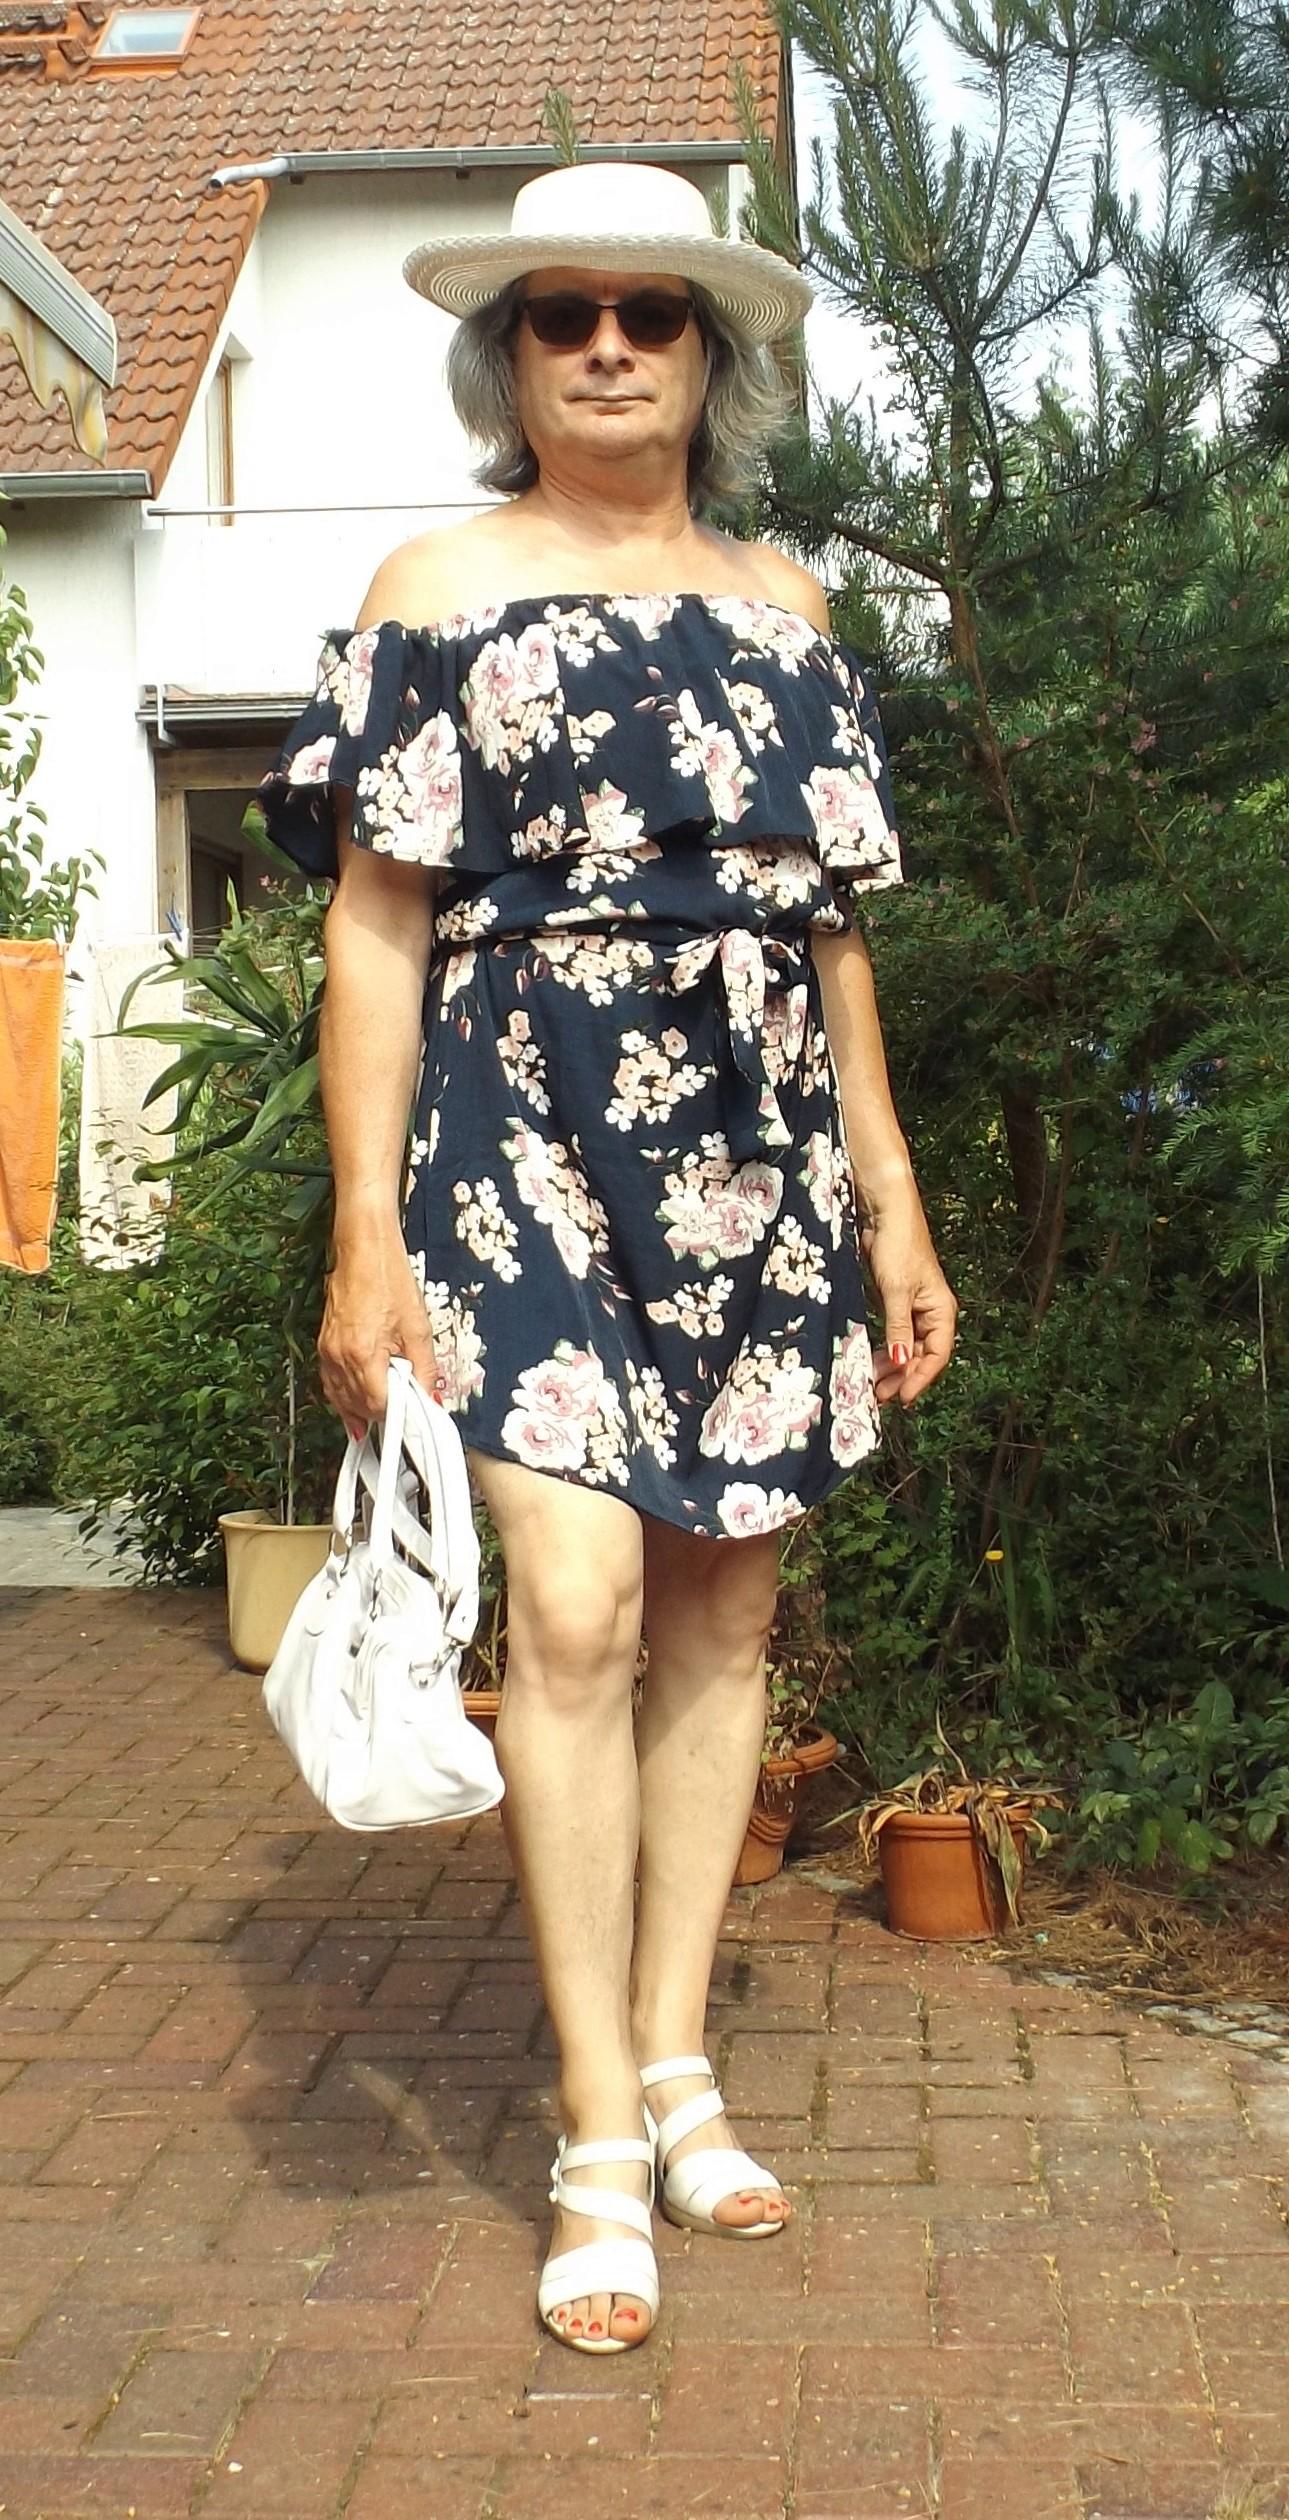 was macht ihr heute tragt ihr heute f r ein outfit 381 crossdresser transgender. Black Bedroom Furniture Sets. Home Design Ideas